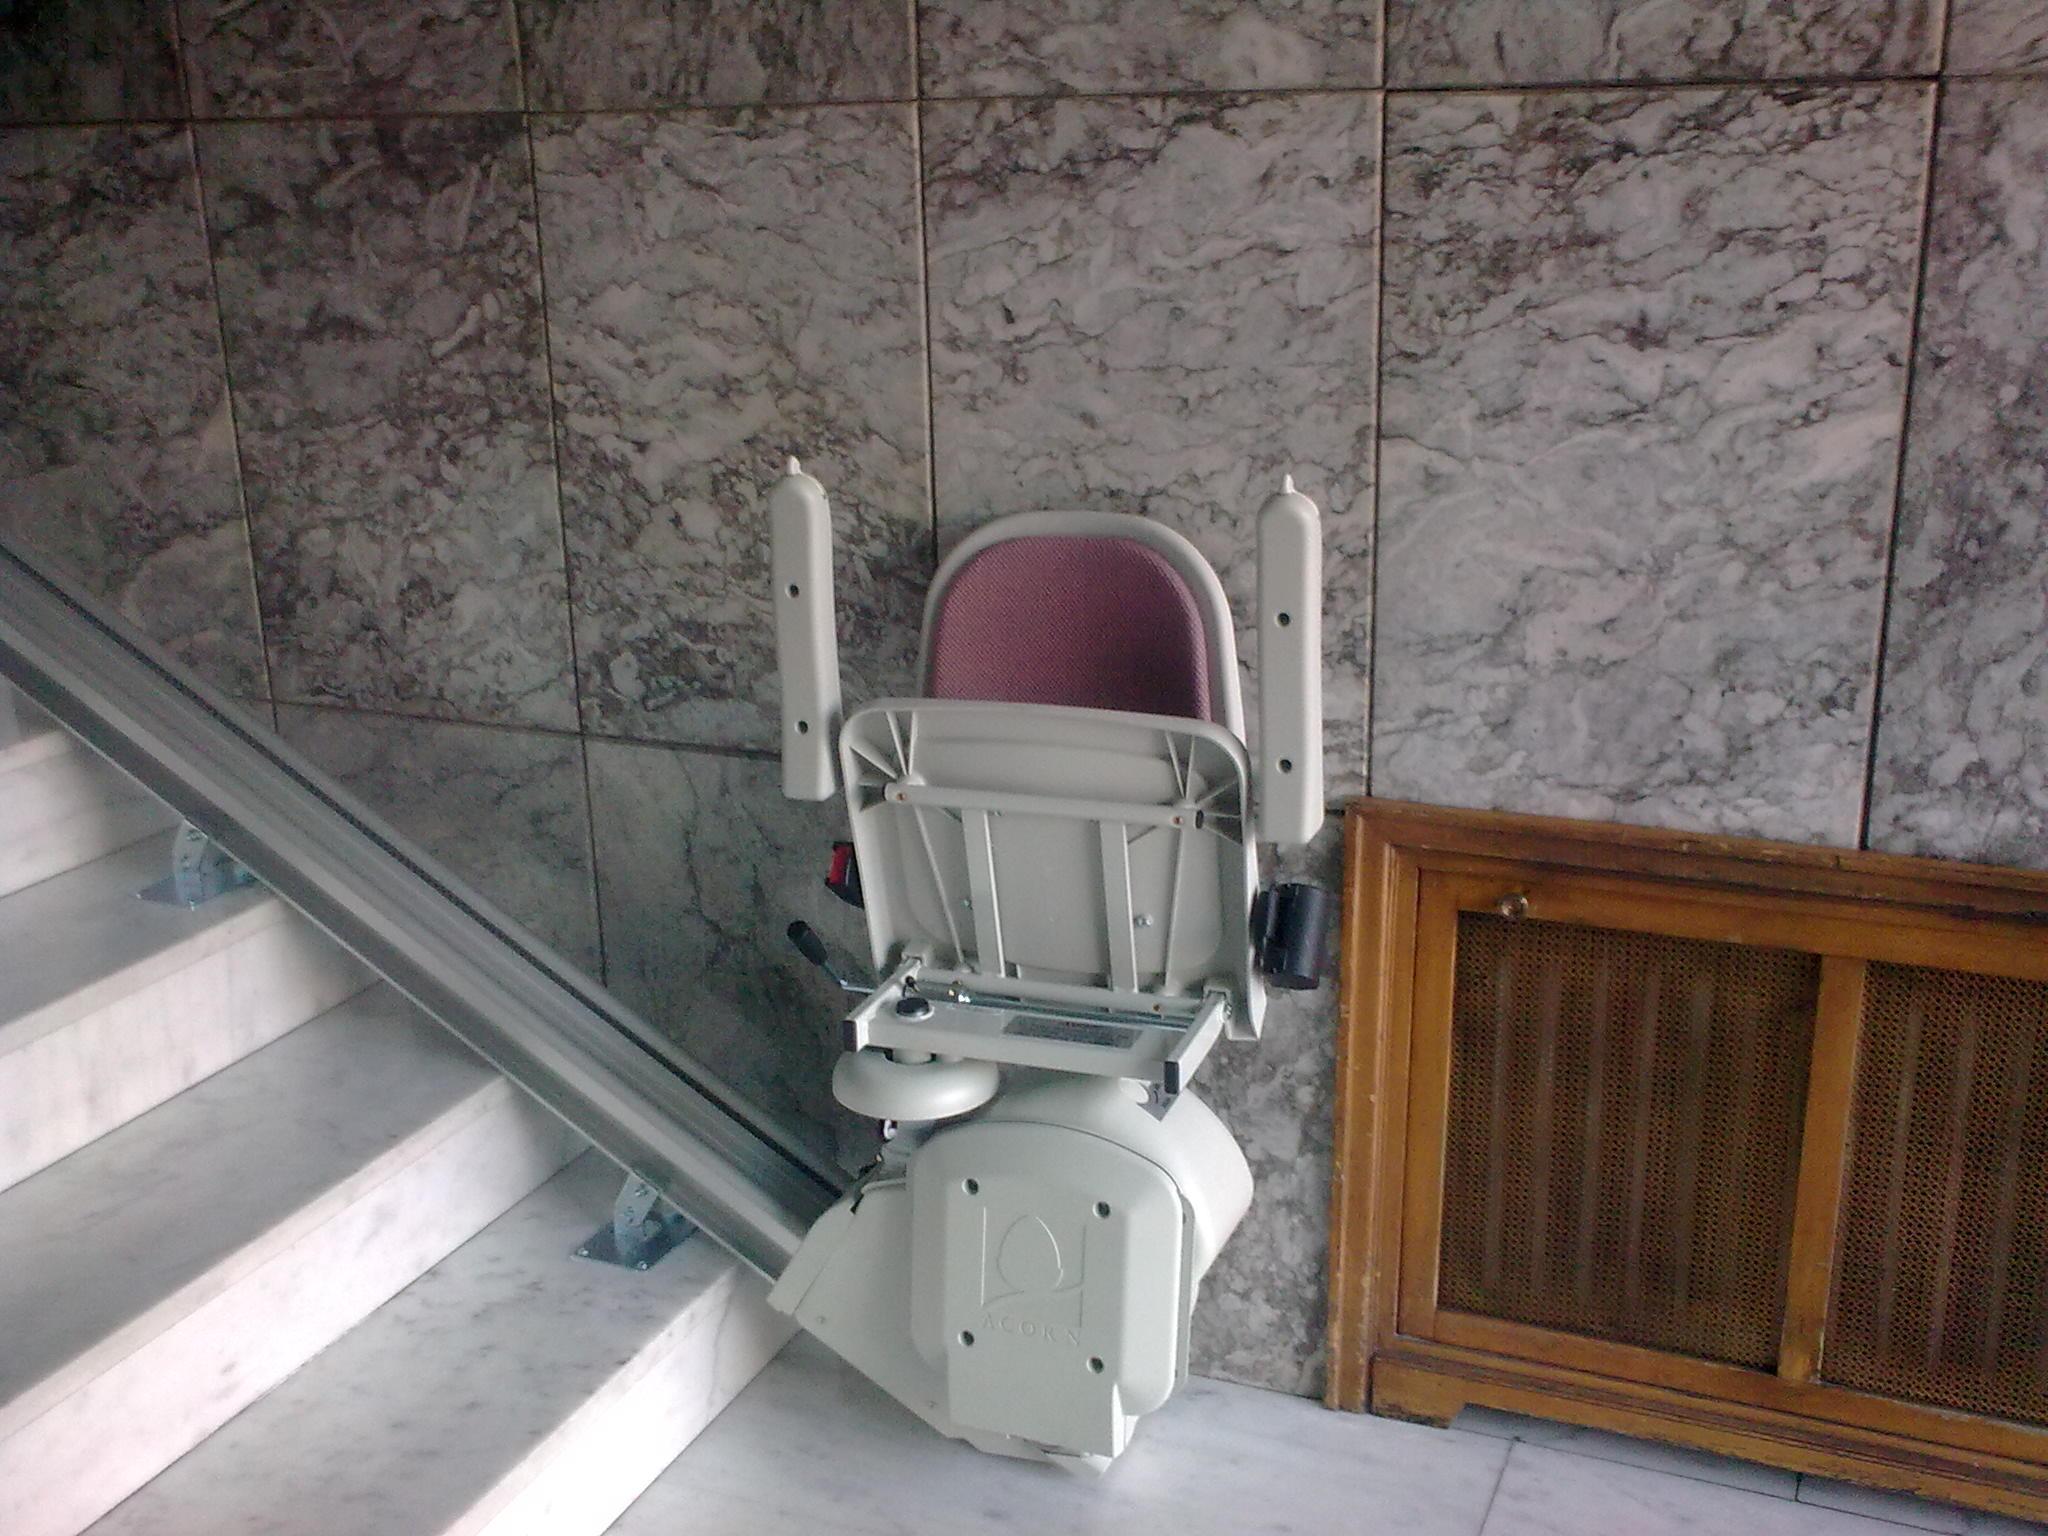 sillas salvaescaleras para discapacitados y mayores